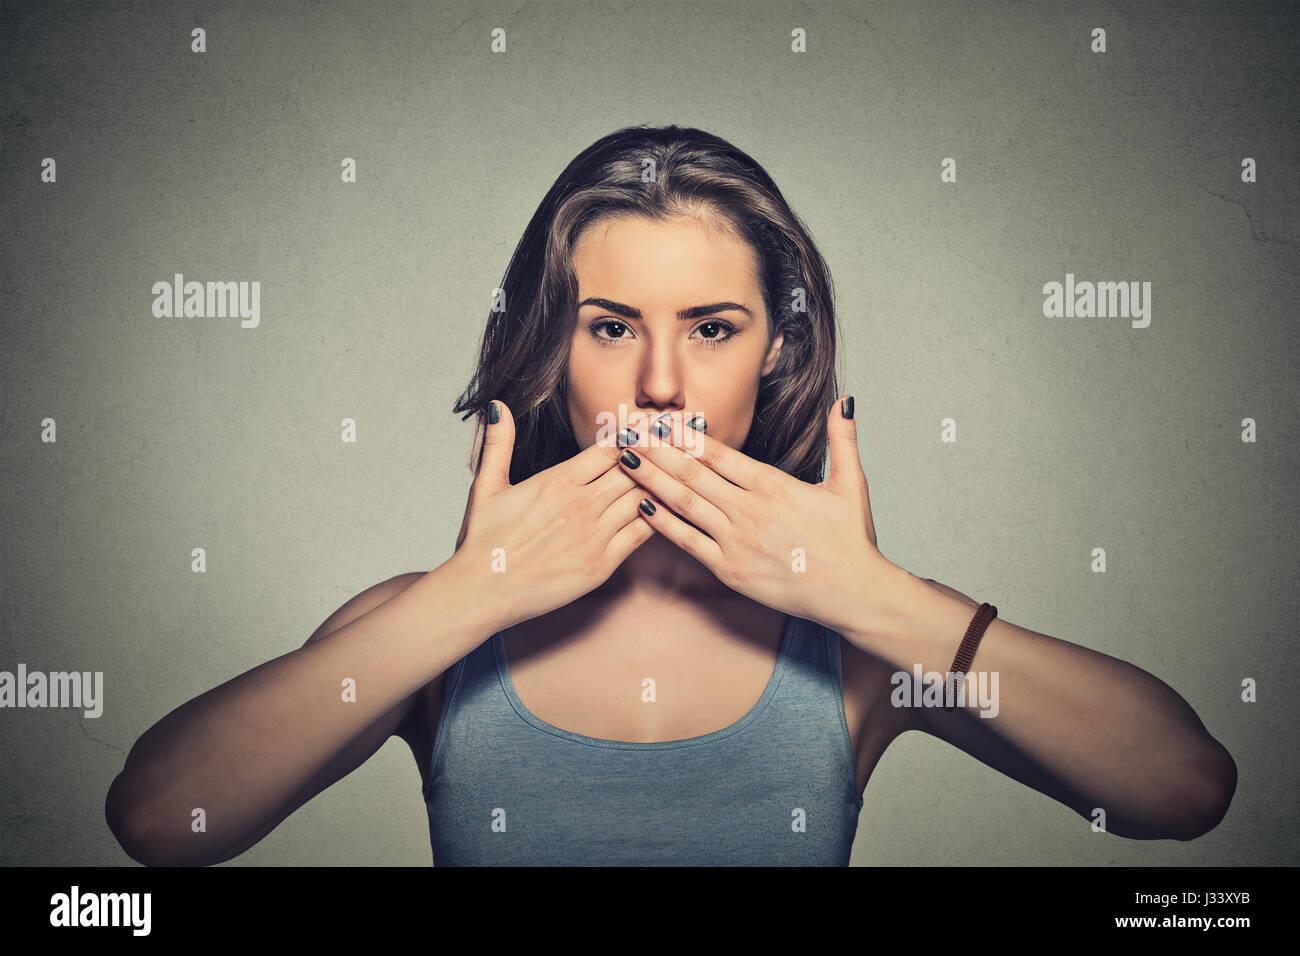 Closeup retrato de una joven que cubre su boca con las manos en la pared gris de fondo aislado Imagen De Stock